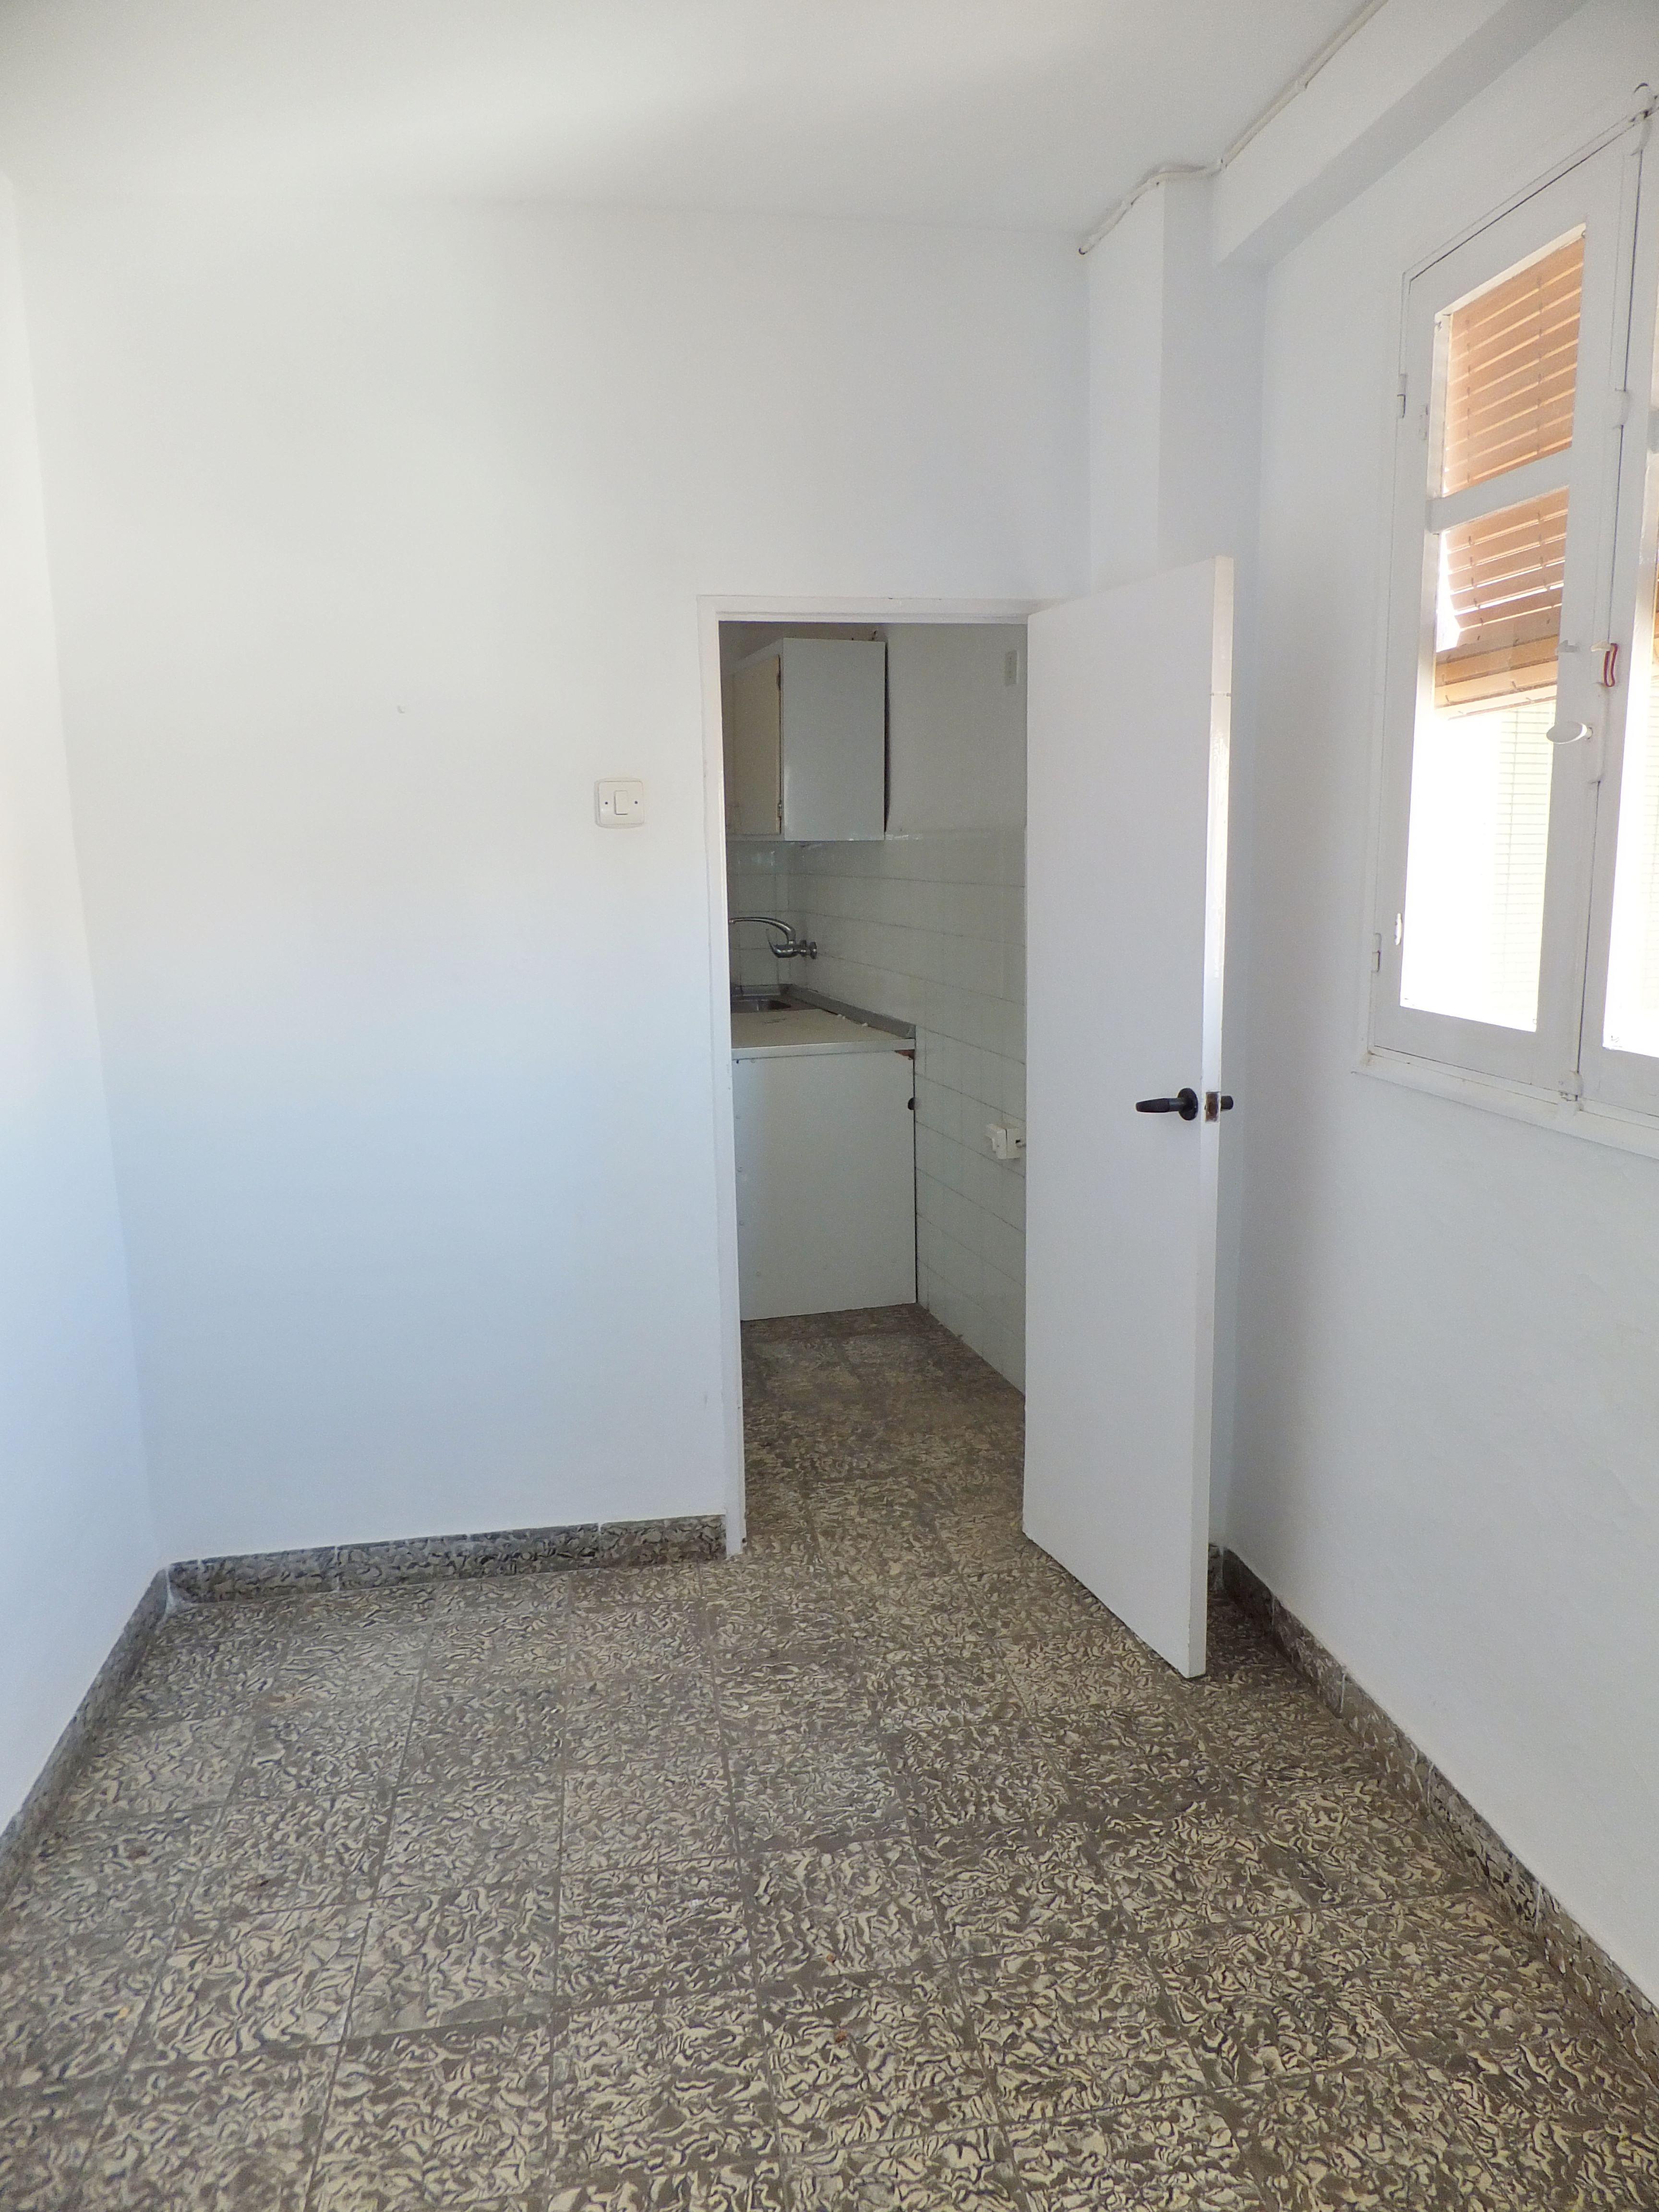 Dscf4303 inmobiliaria piquer for Oficina catastro almeria